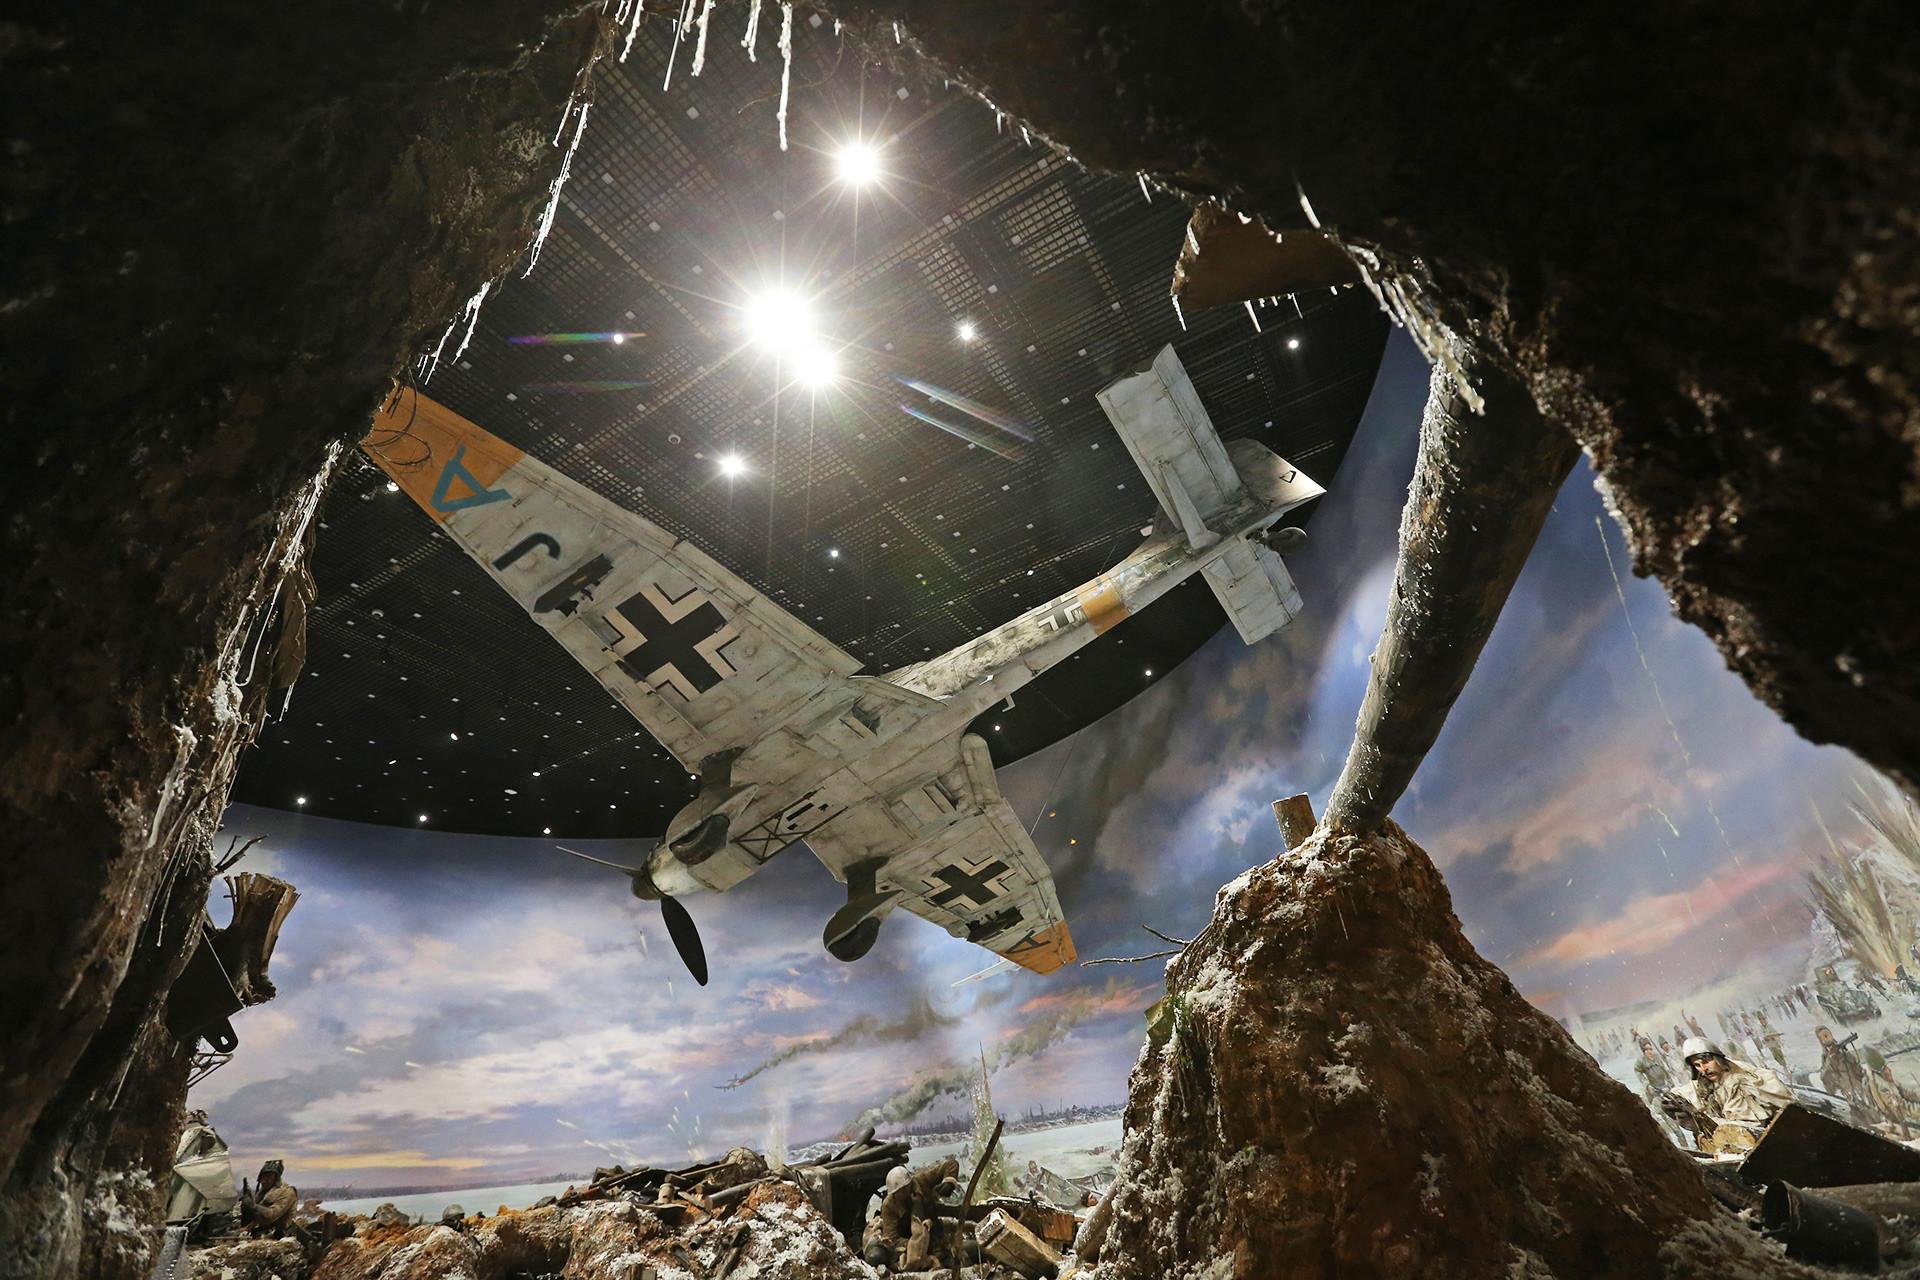 Há até mesmo uma cópia em escala menor de um avião alemão voando sobre a cabeça dos visitantes.